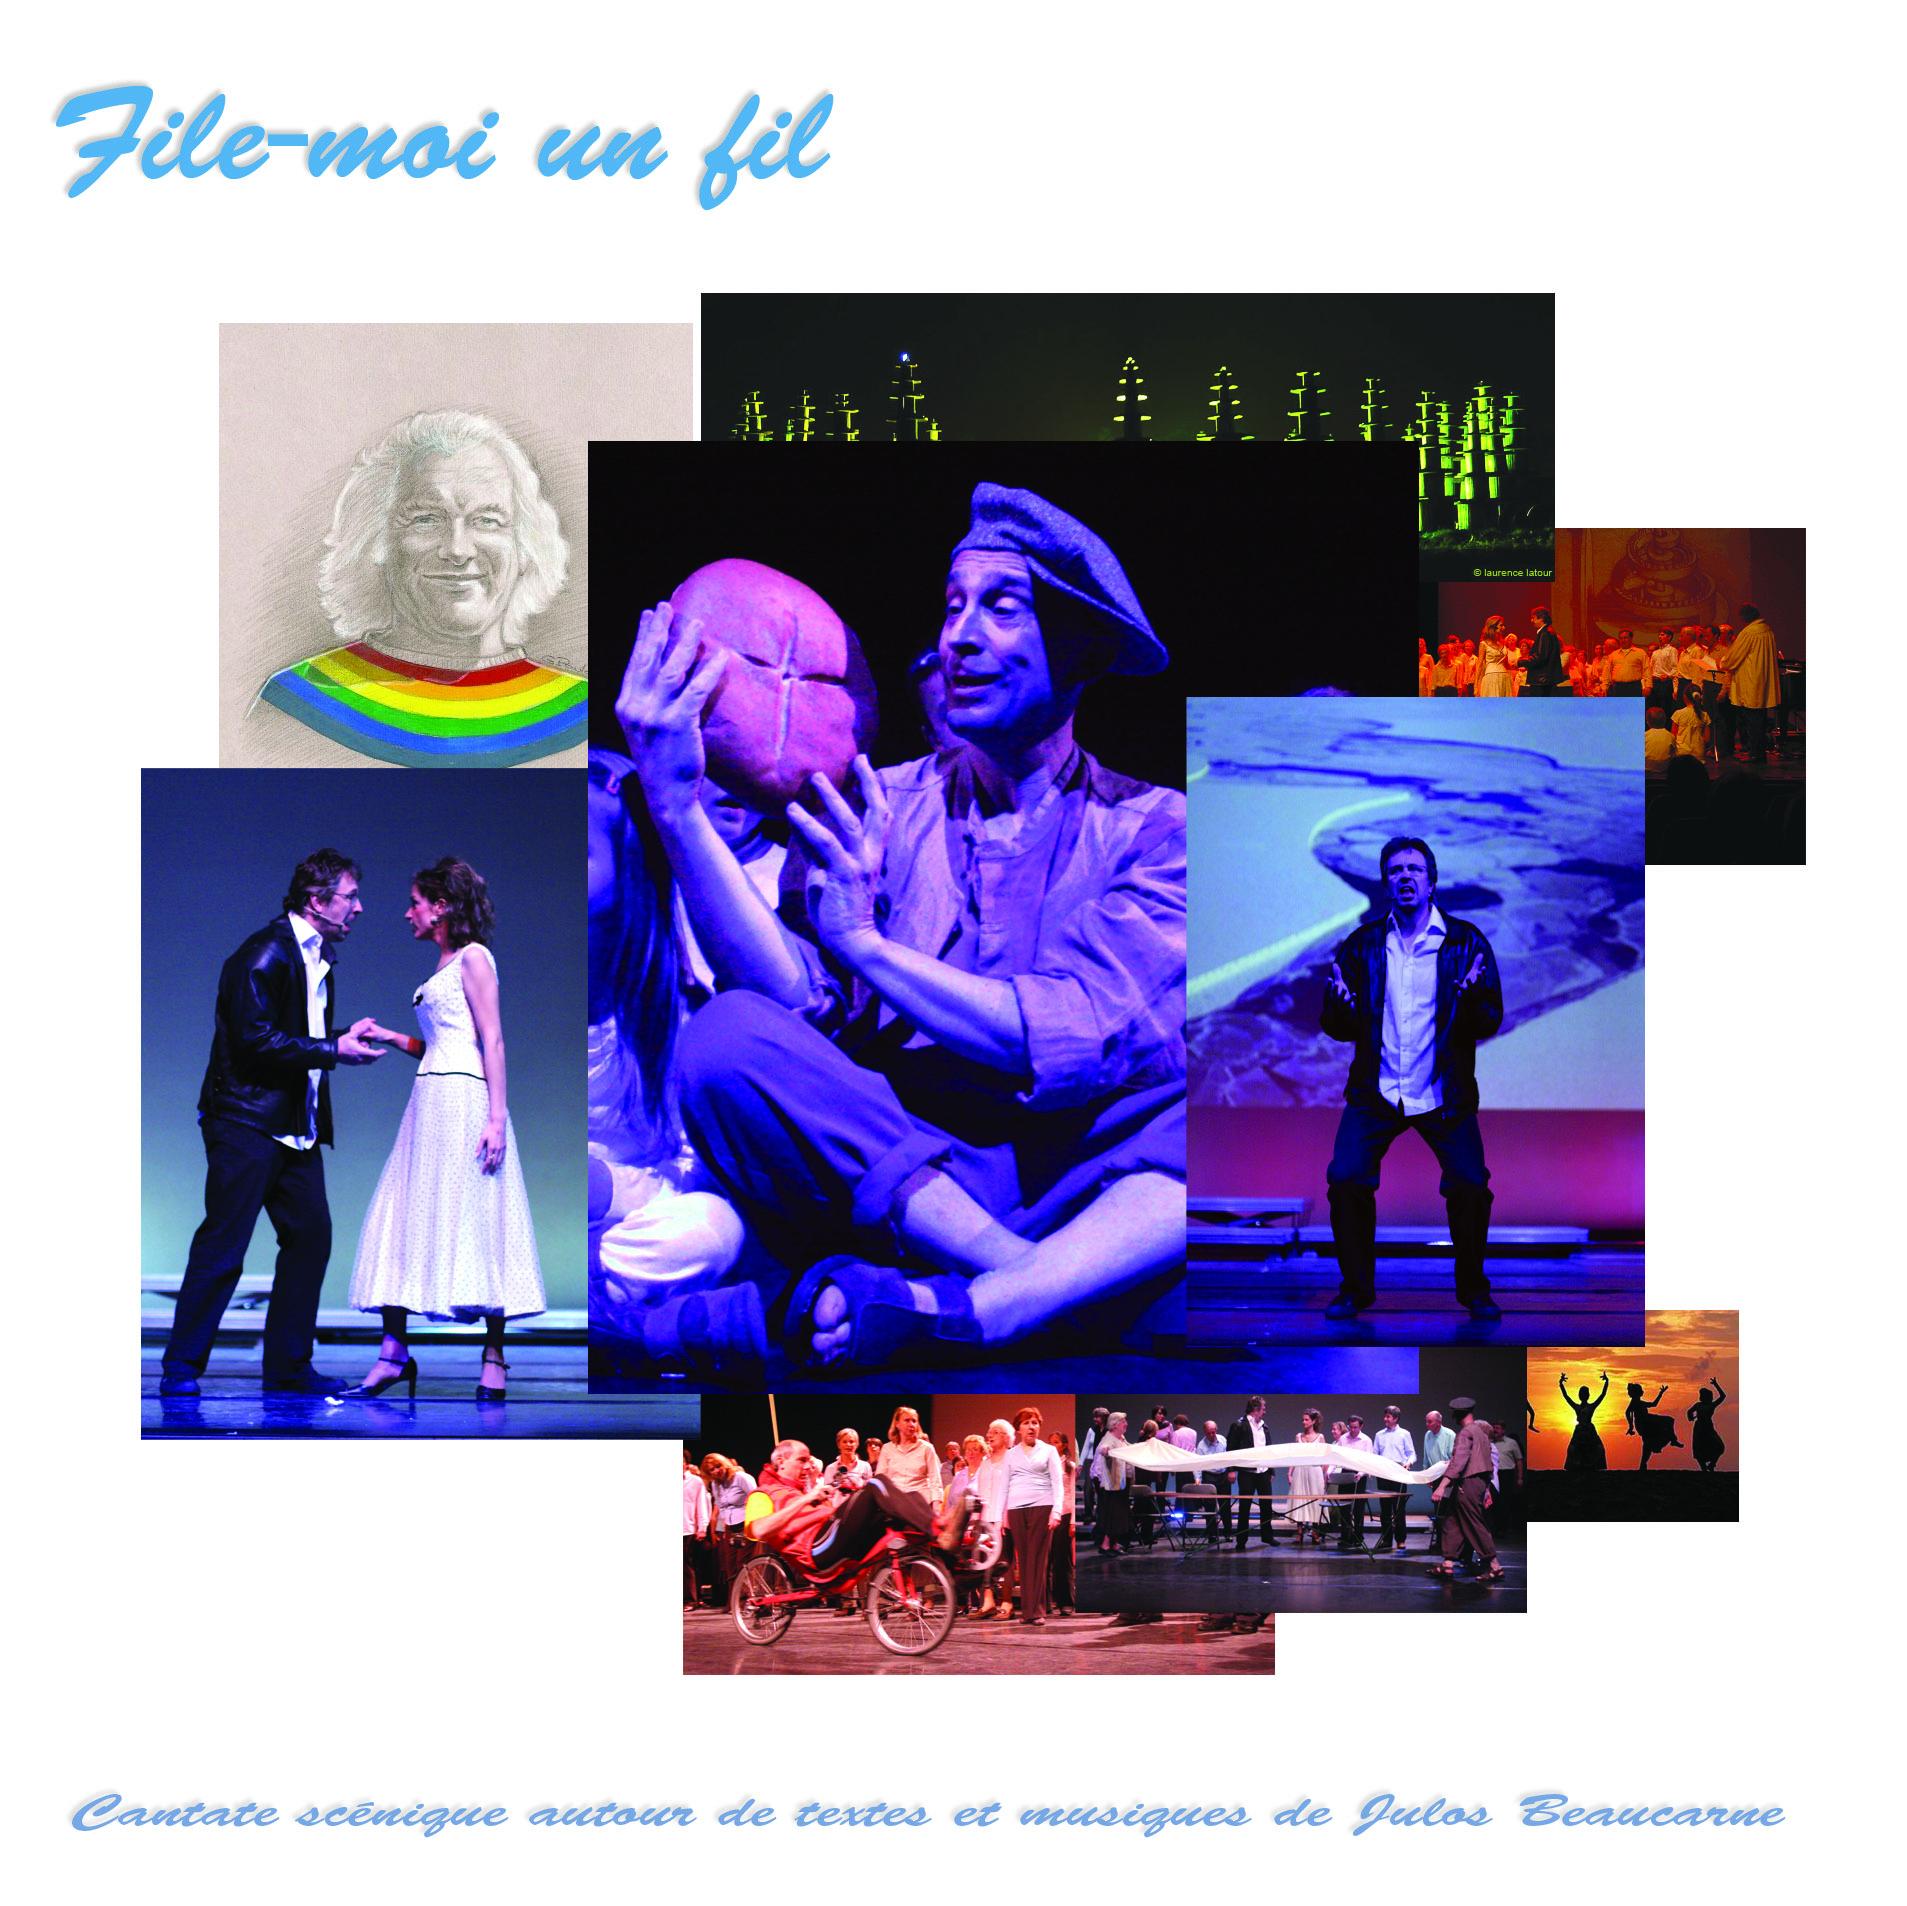 [ 2008 Novembre ] File-moi un fil @ Nuovo Marco & Choeur de Boondael - cover